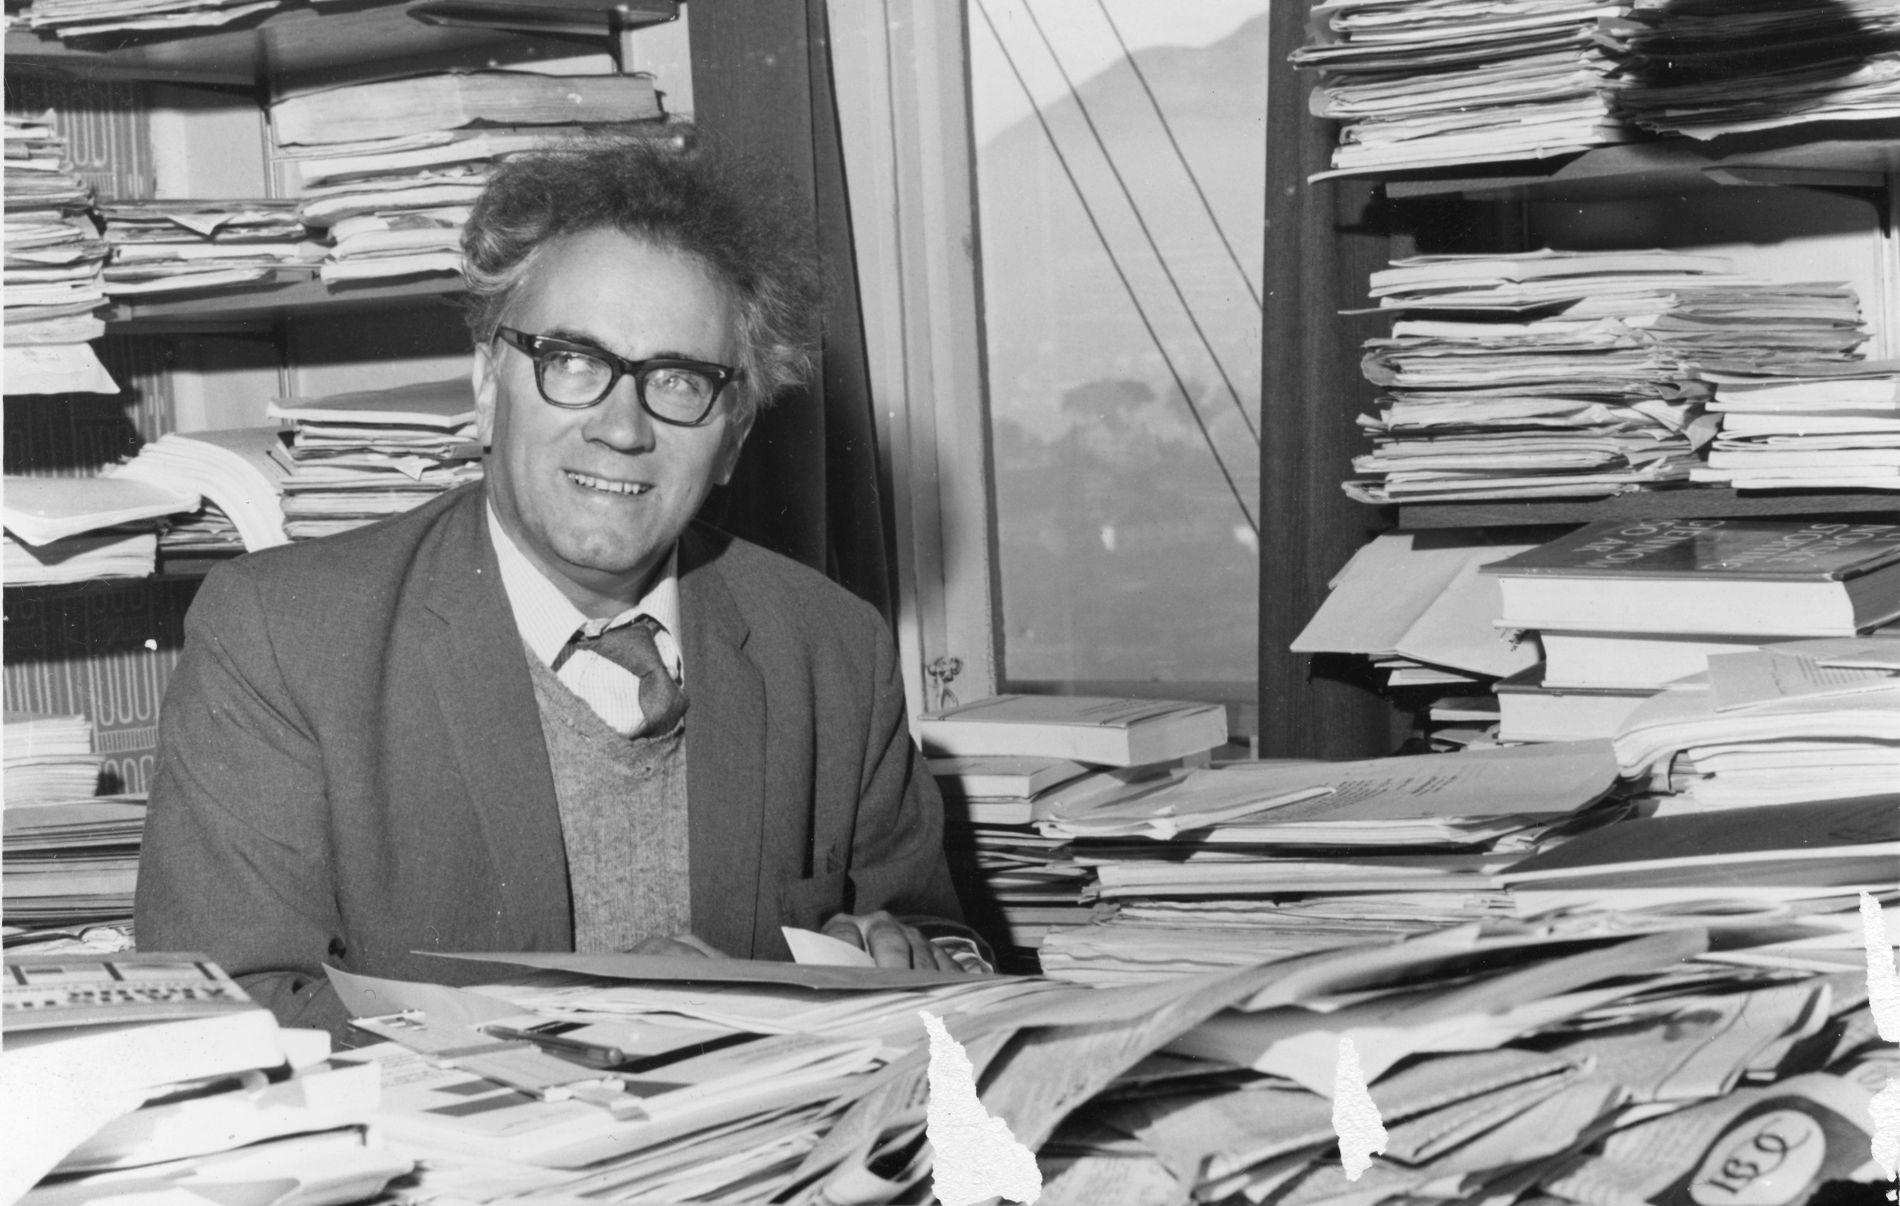 PIONER: Stein Rokkan var professor ved Universitetet i Bergen, og var en pioner innen både norsk og internasjonal valgforskning.